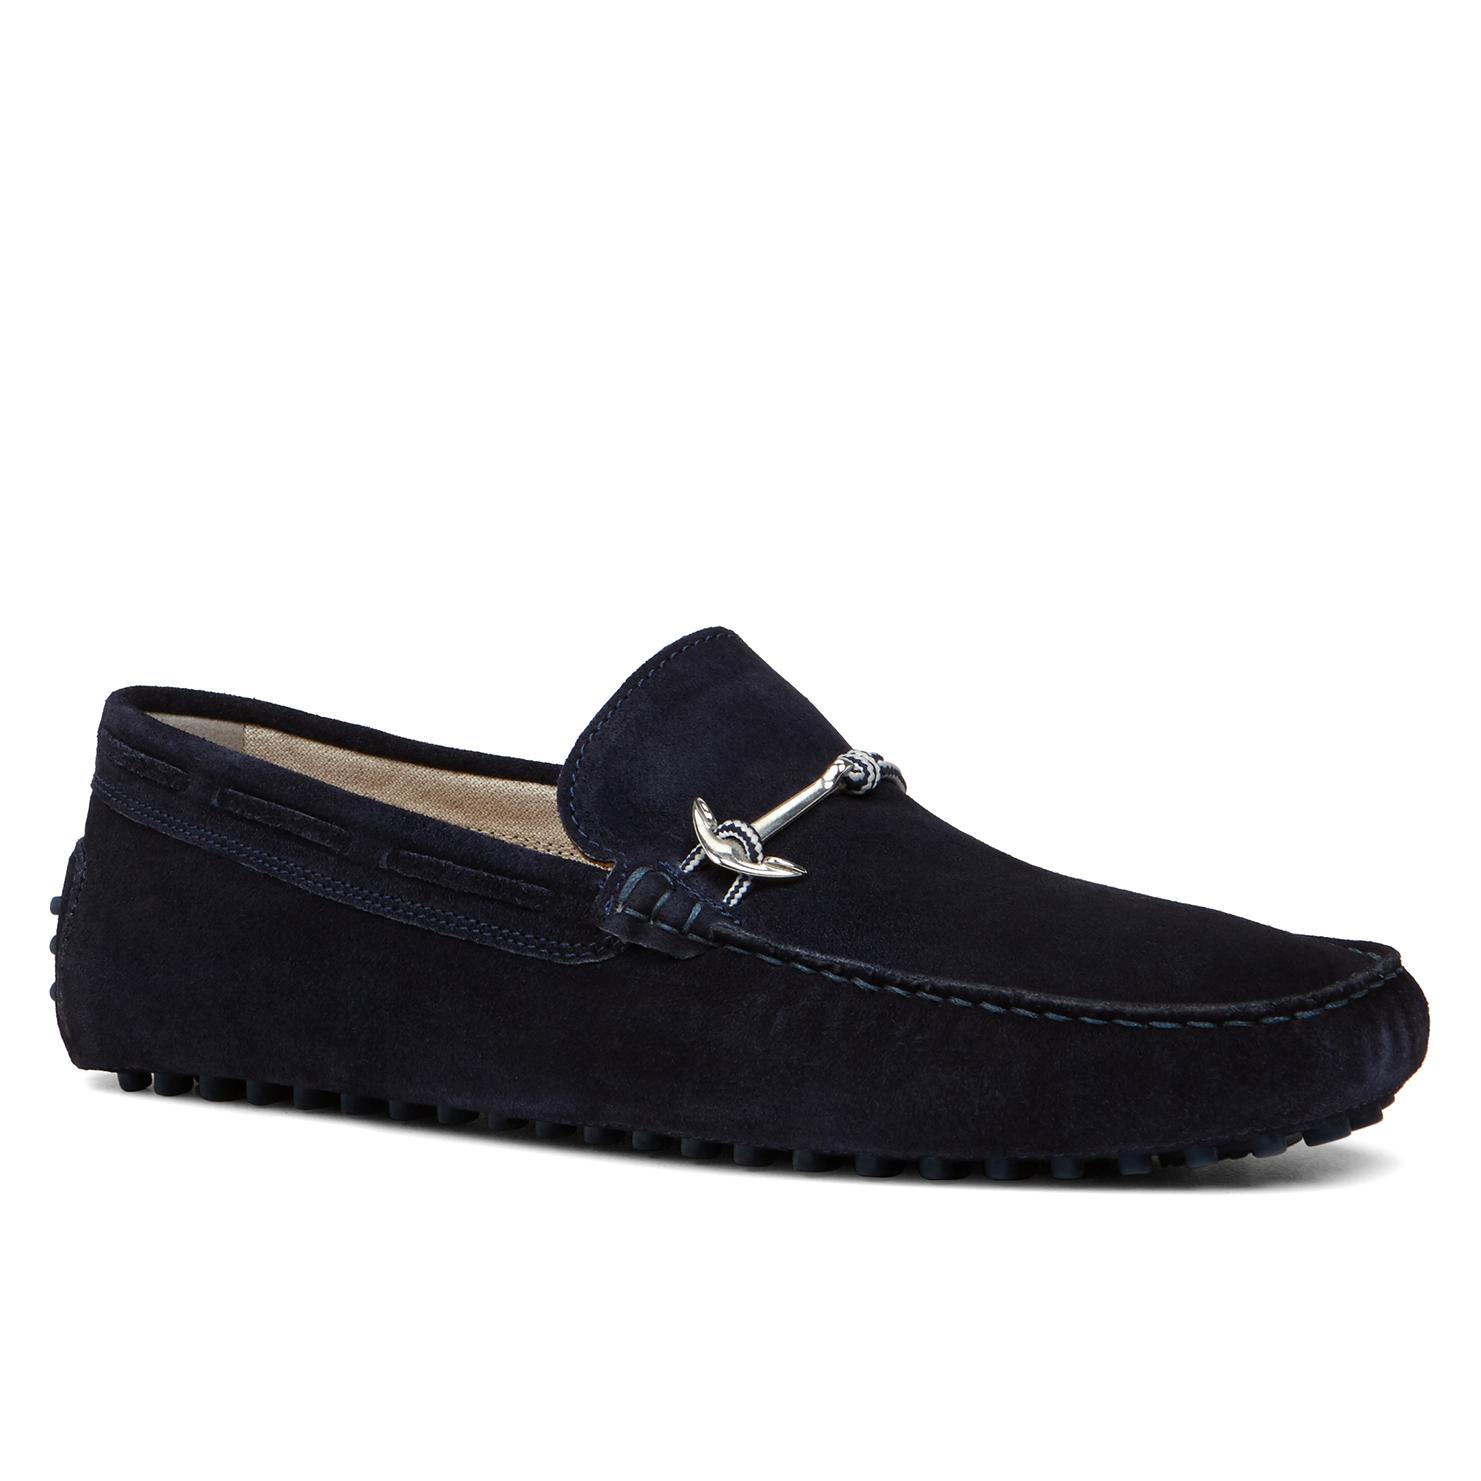 Blue Suede Aldo Shoes